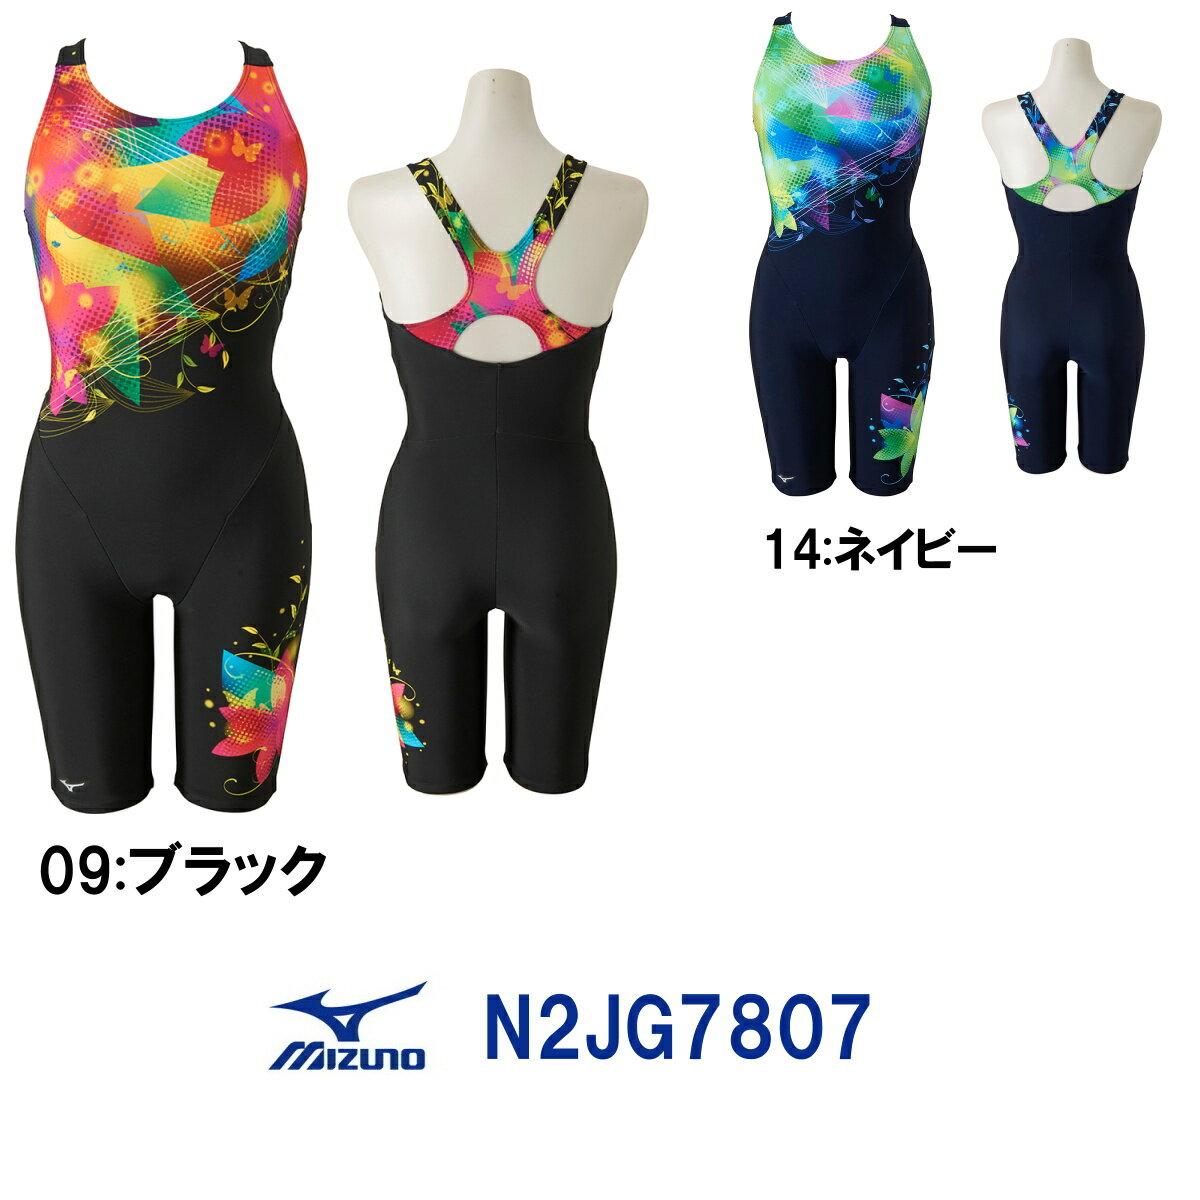 【N2JG7807】MIZUNO(ミズノ)レディースフィットネス水着PRIMESTROKEオールインワン(ピースバック)【カップ付き】